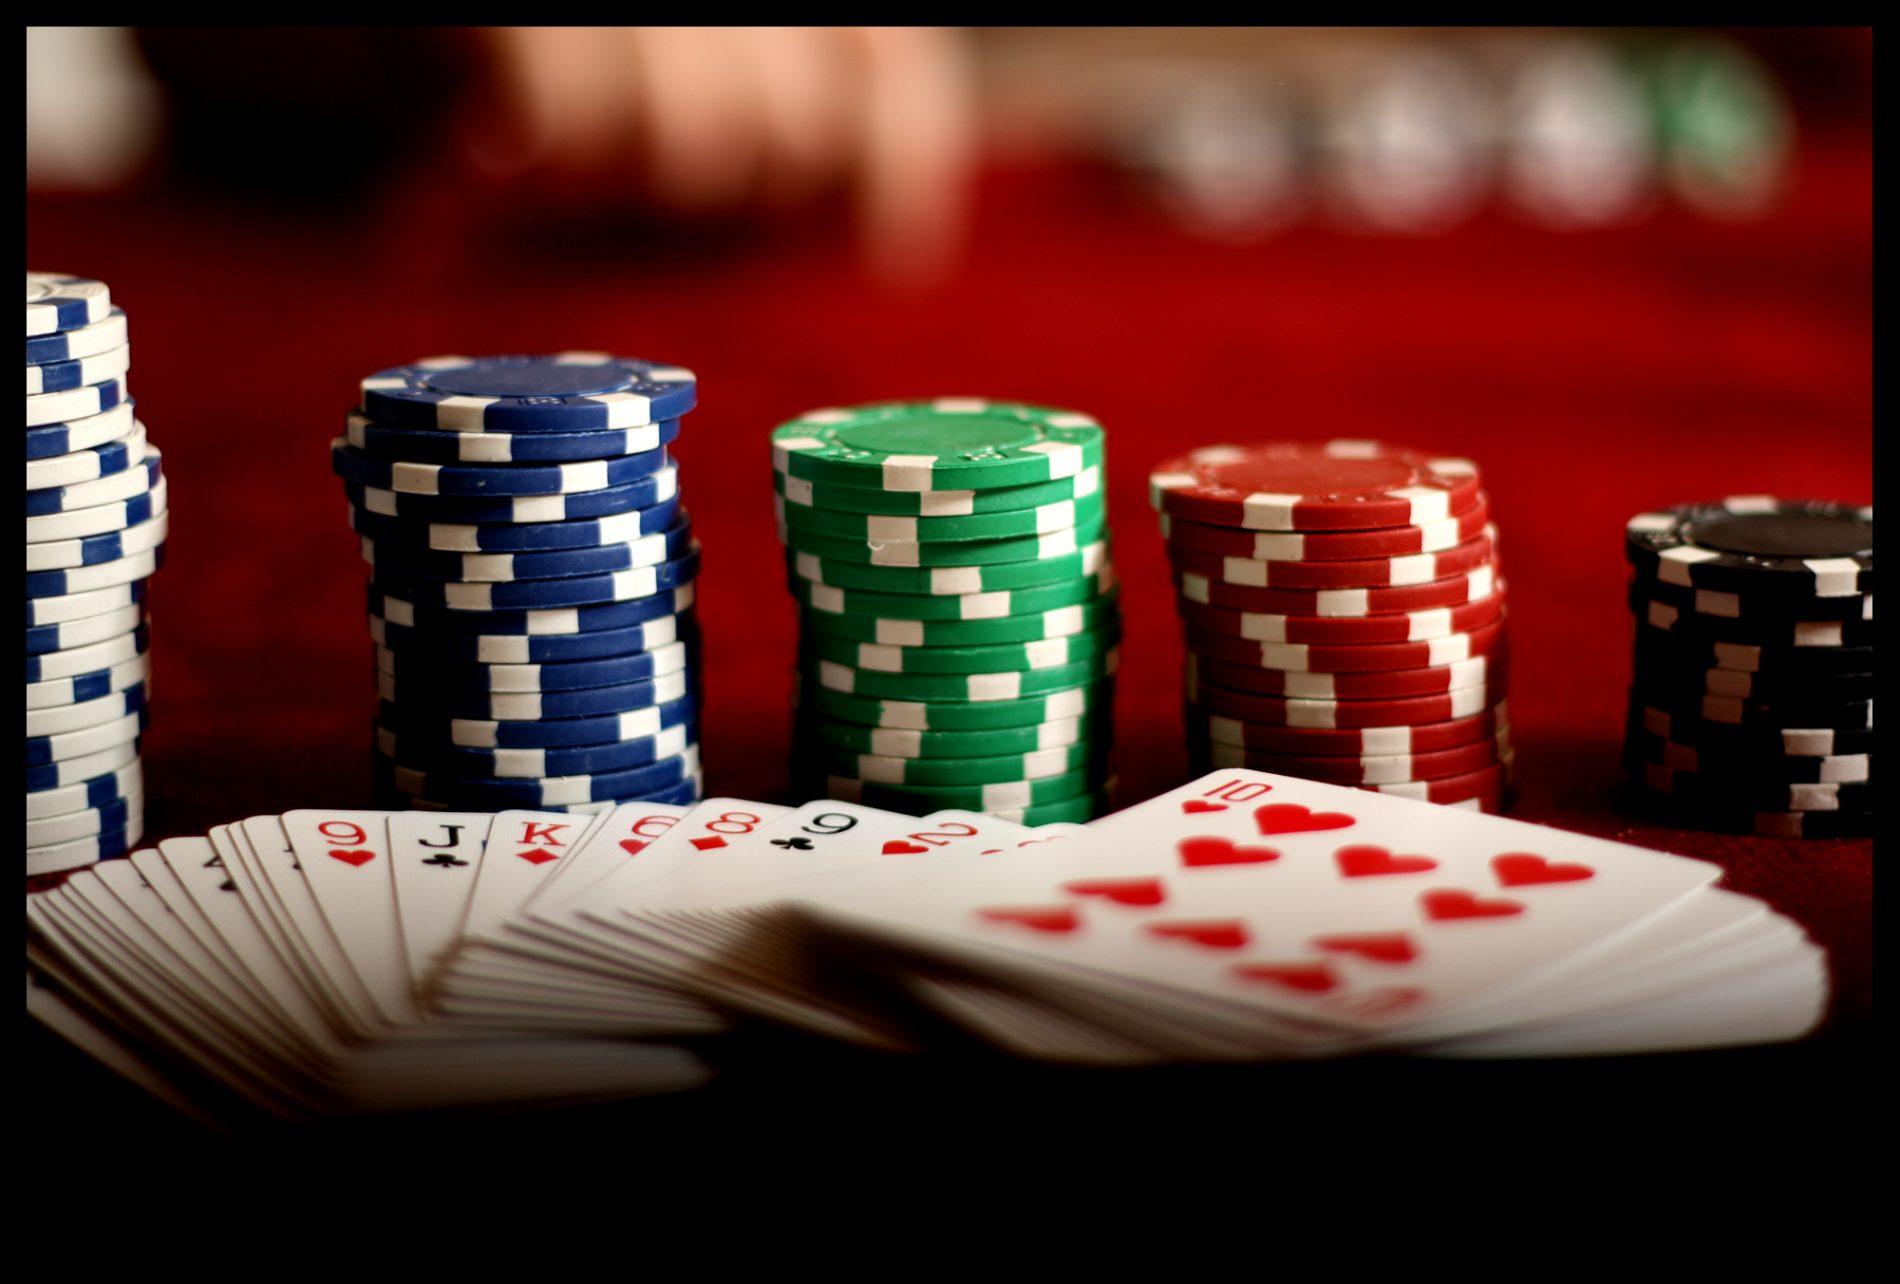 Les termes spécifiques importants à connaitre pour jouer au Poker